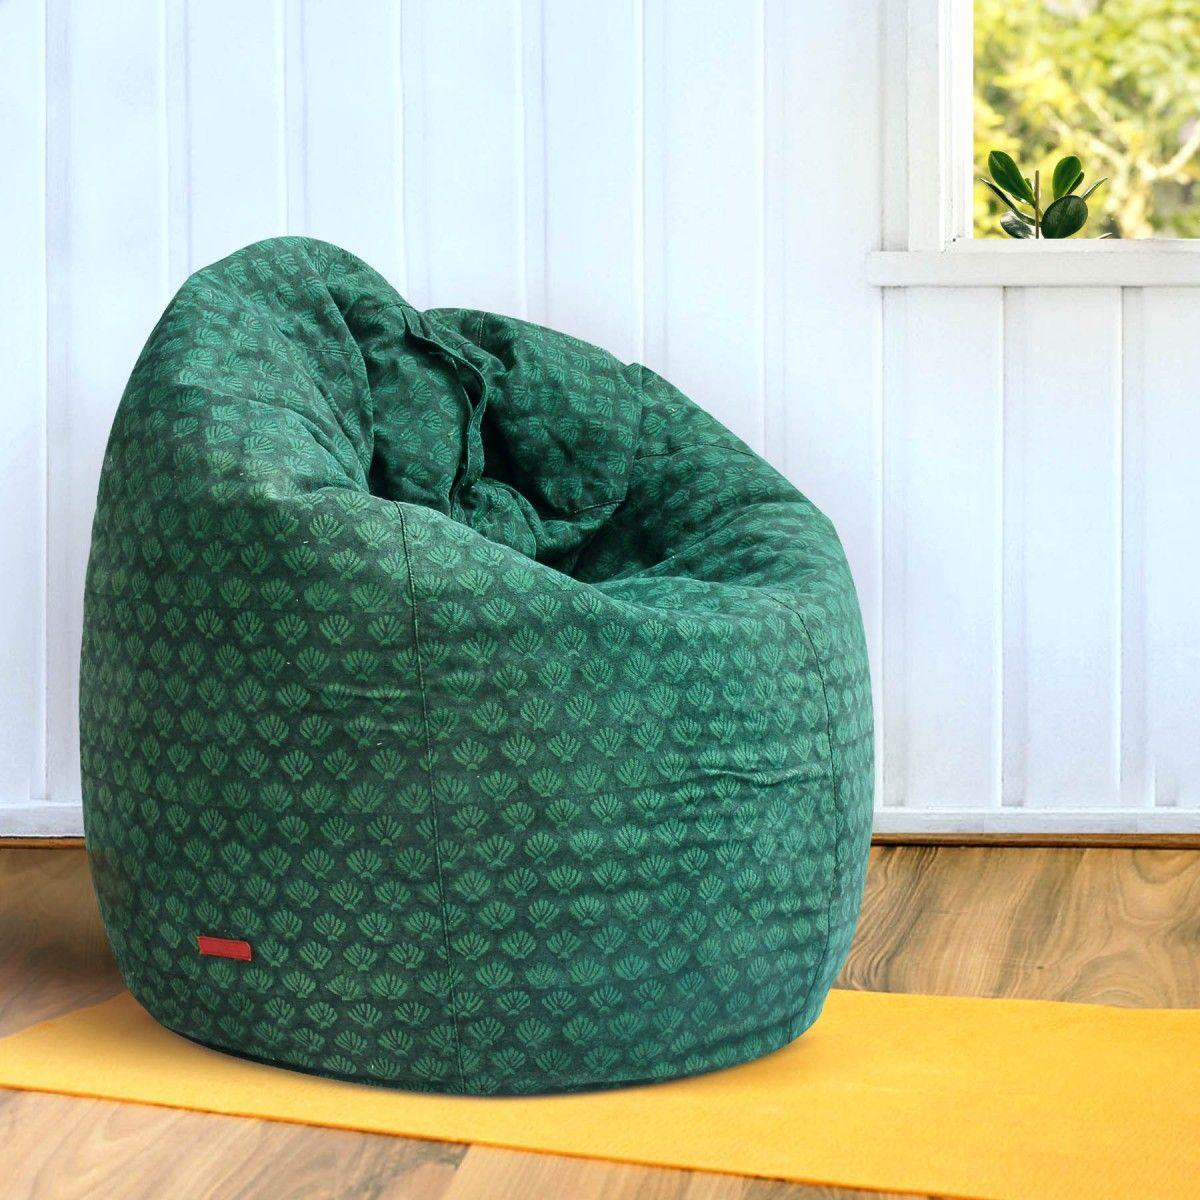 Fine Shell Roll Bean Bag Beans Beanbags Homedecor Machost Co Dining Chair Design Ideas Machostcouk